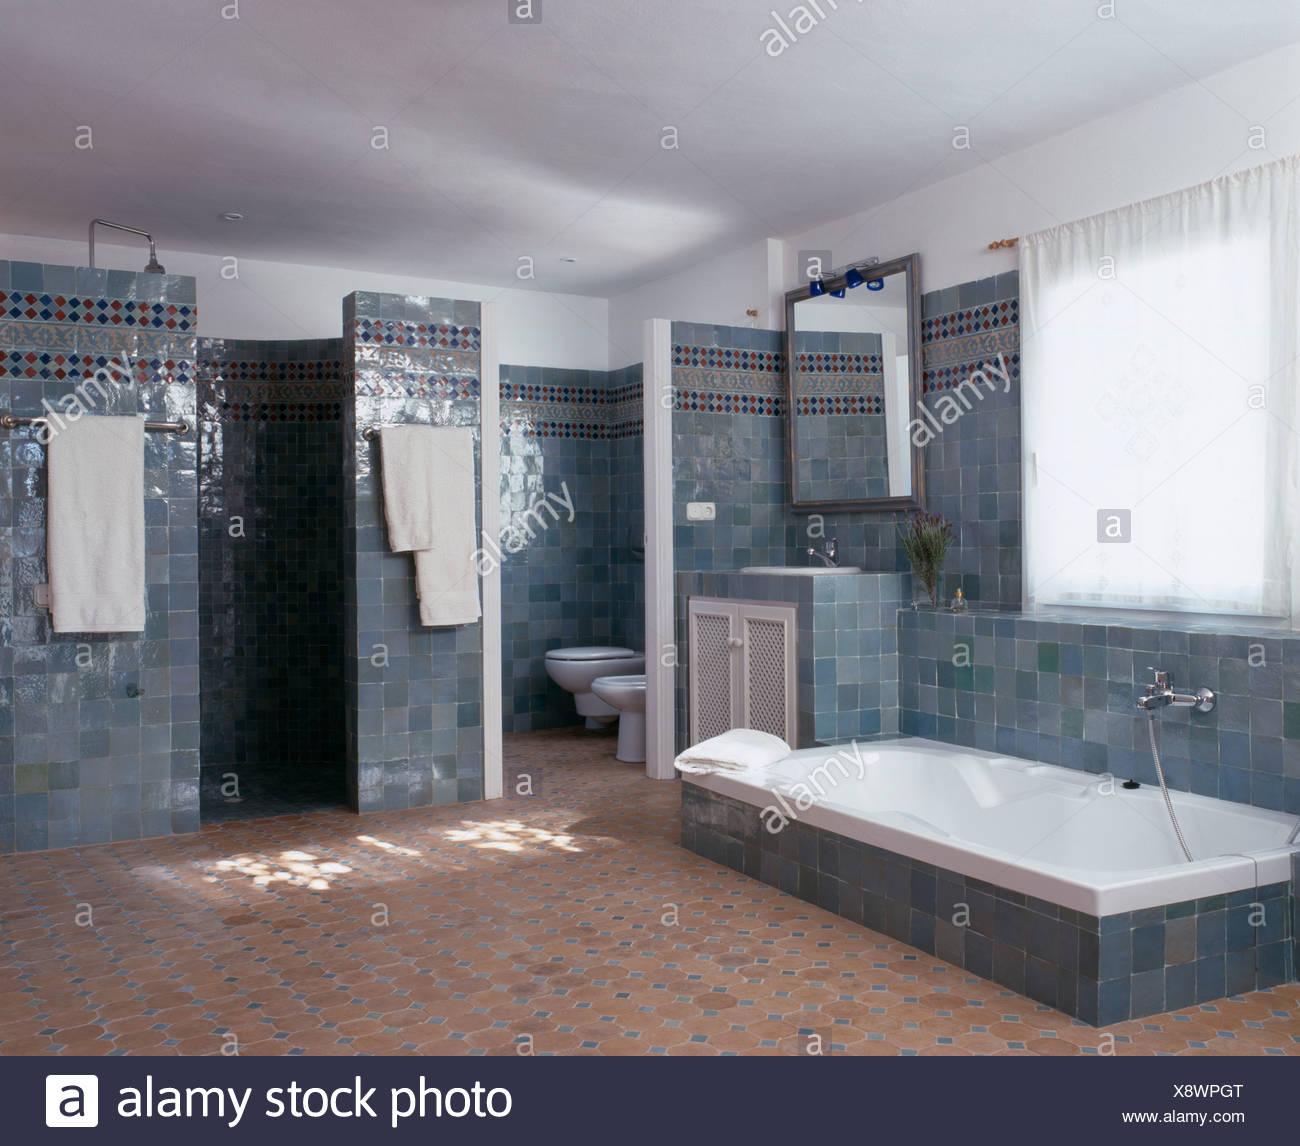 Vasca da bagno incassata in grigioblu spagnolo in piastrelle bagno con pavimento in piastrelle